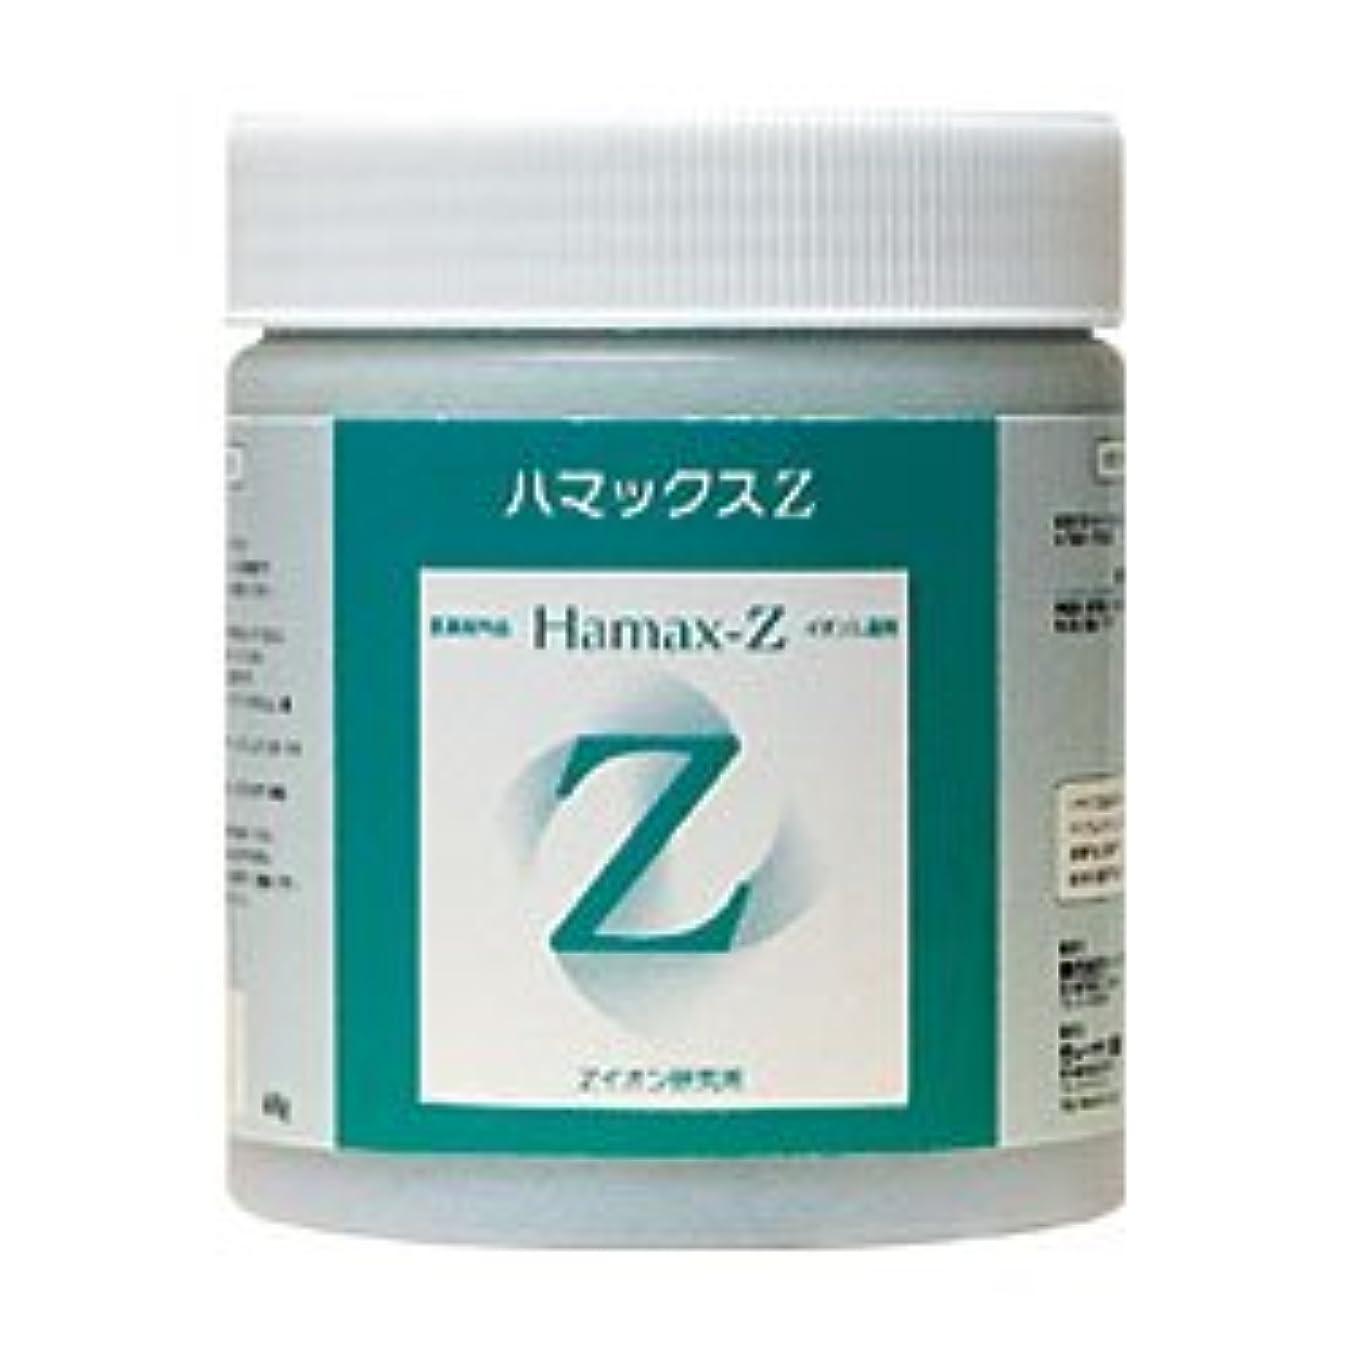 パッケージ盗難オークション医薬部外品 イオン入湯剤ハマックスZ 400g